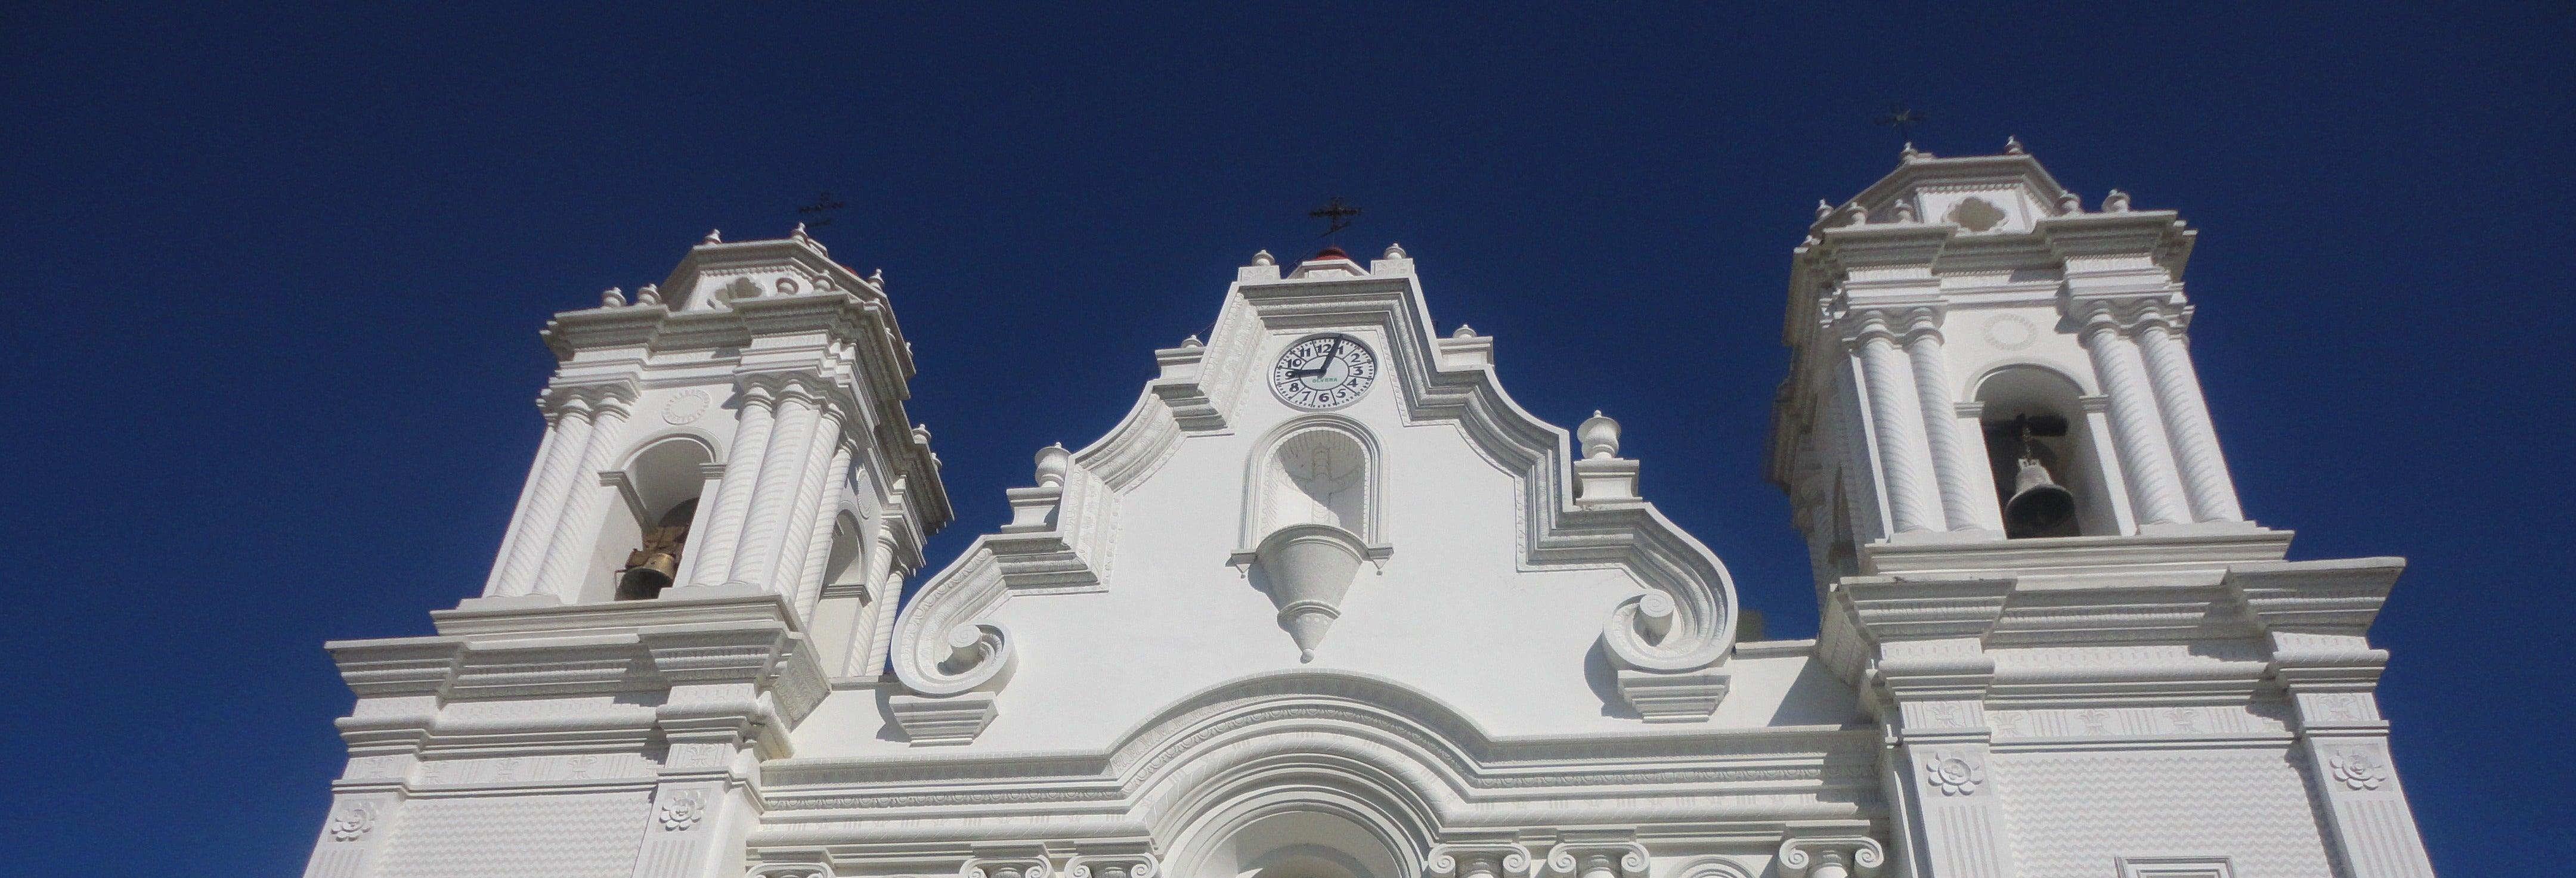 Excursión privada a Santa Catarina Juquila